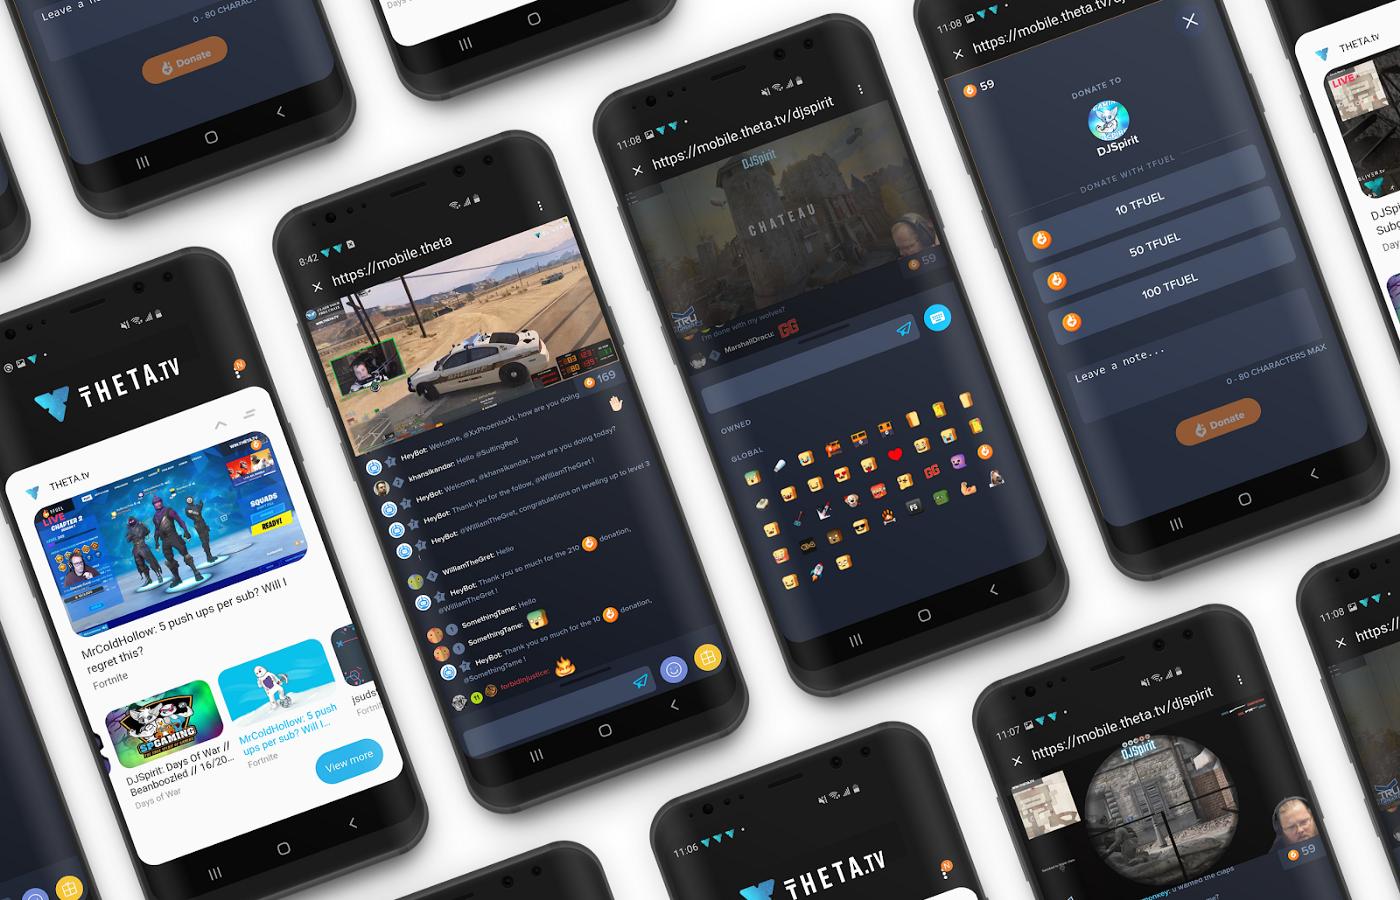 Blockchain de THETA.tv estará disponible en los teléfonos Galaxy y Note de Samsung